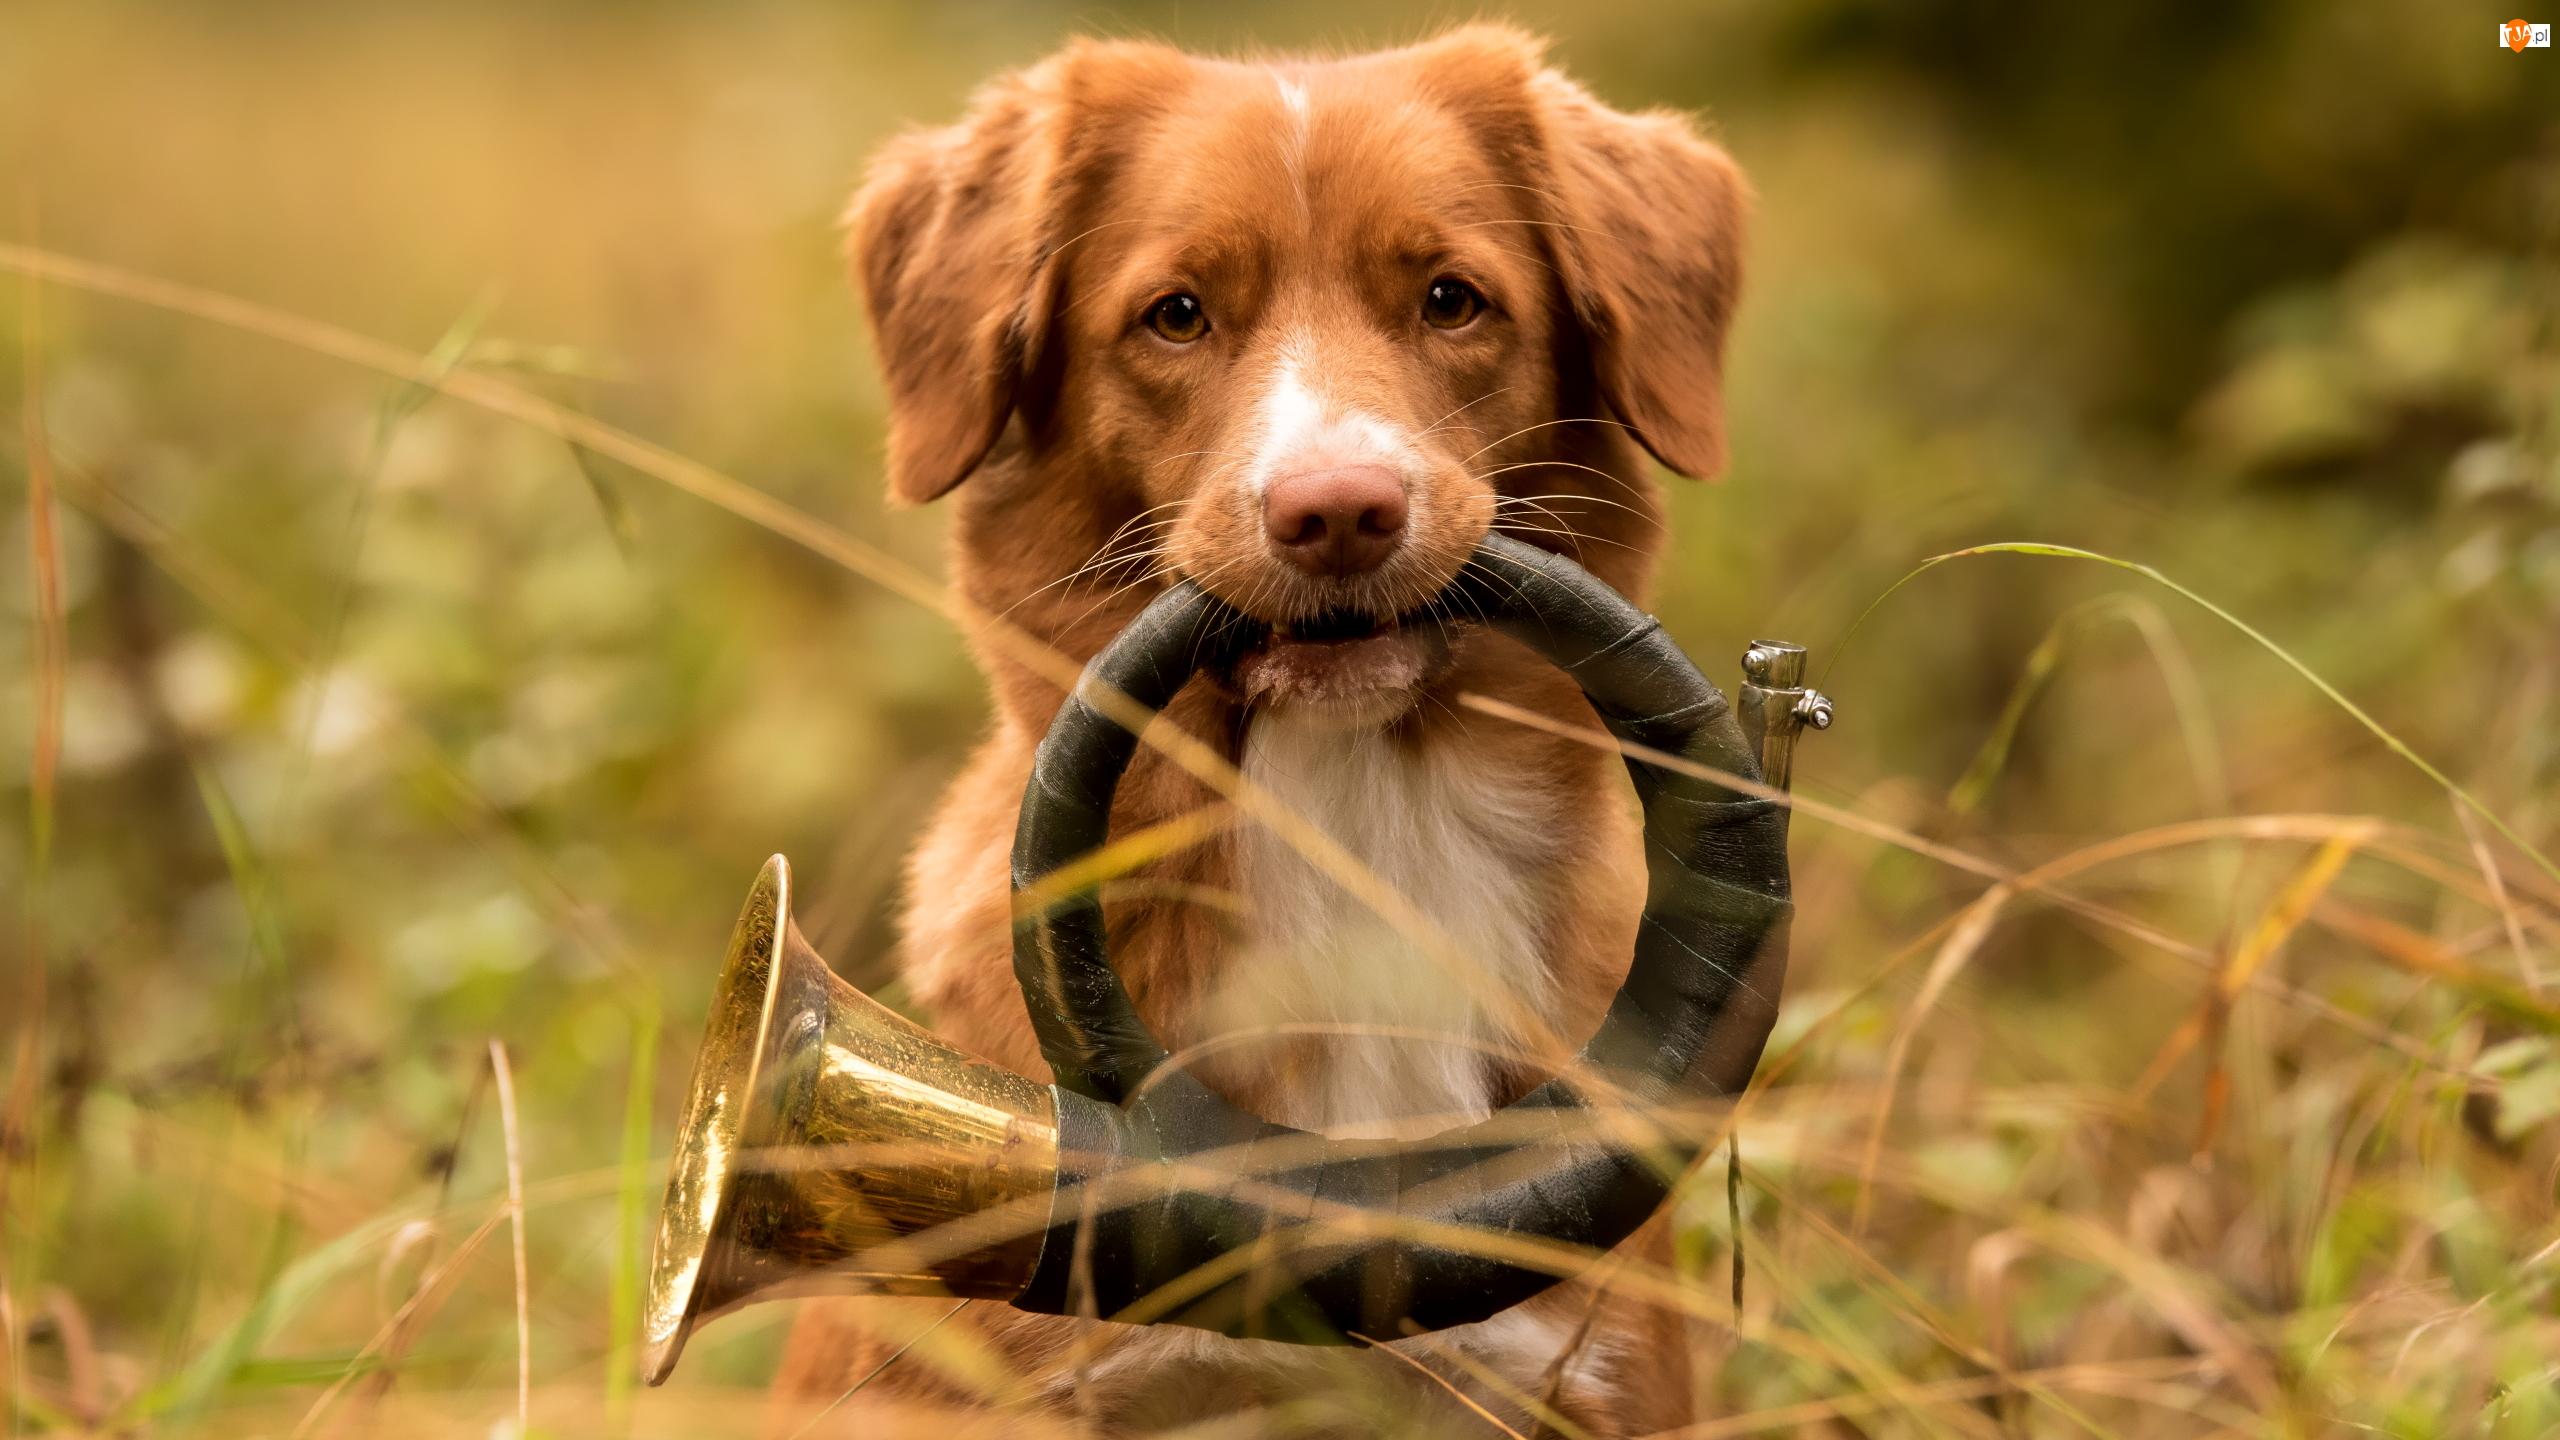 Retriever z Nowej Szkocji, Pies, Instrument, Trąbka myśliwska, Trawa, Trąbka sygnałowa